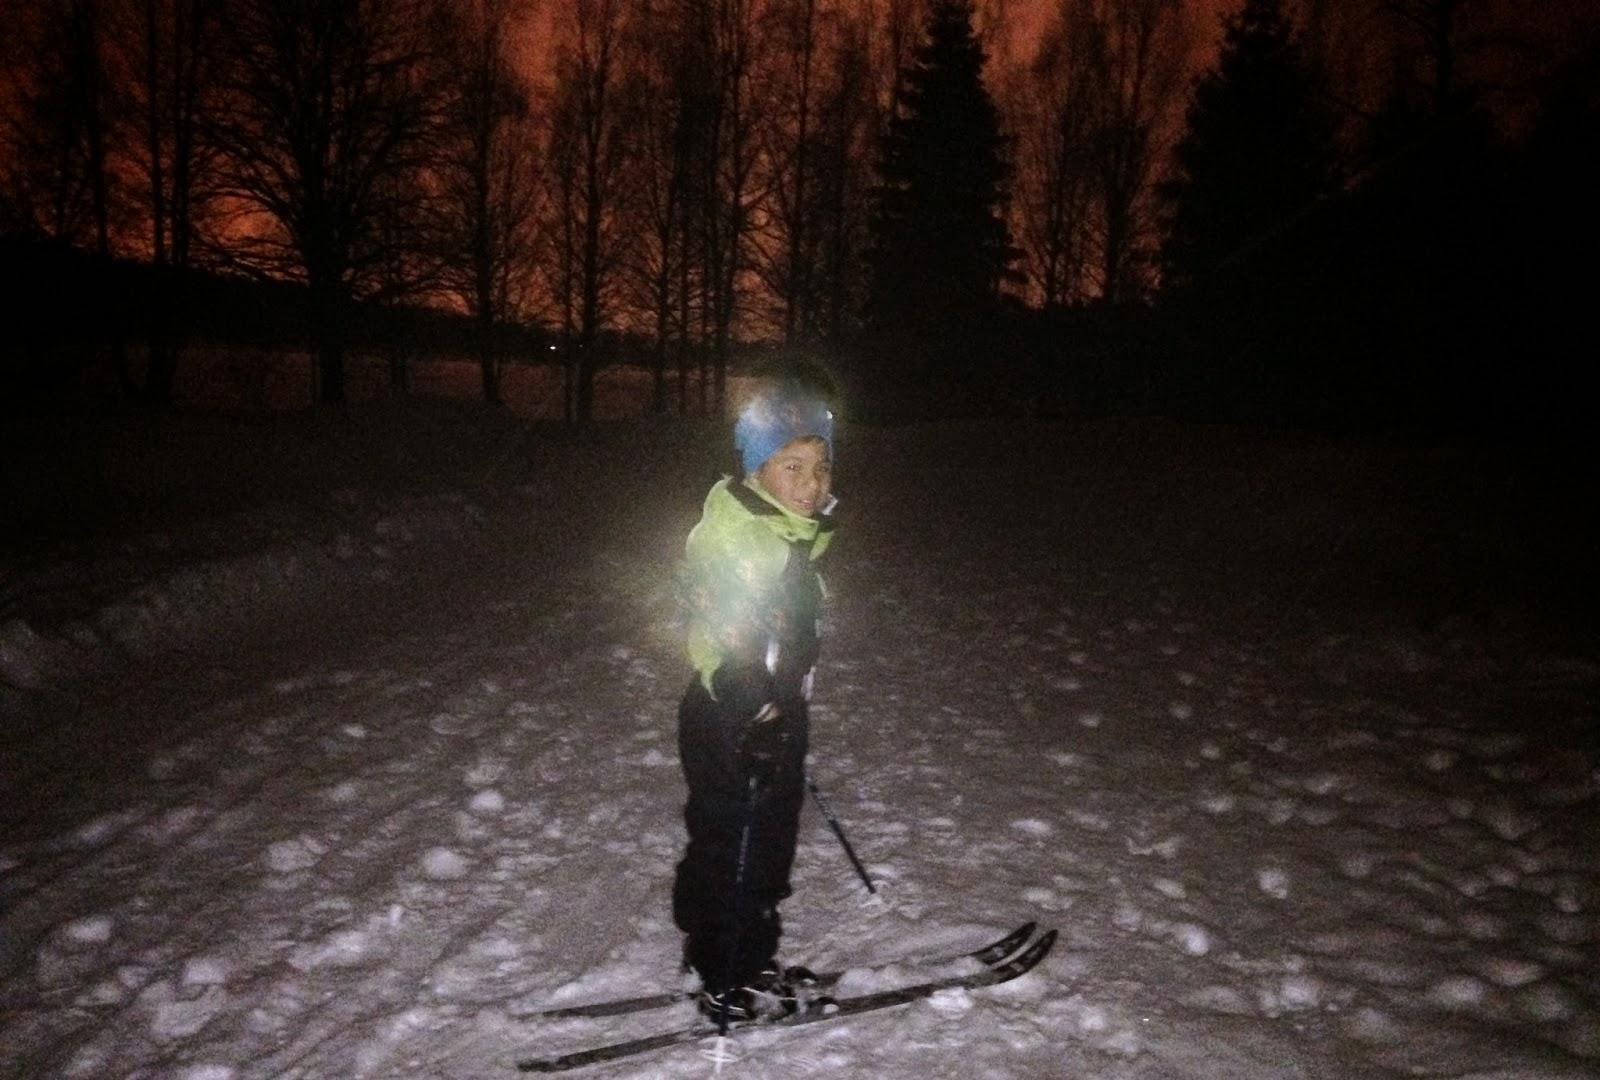 http://minituren.blogspot.no/2014/02/kveldstur-pa-ski-rundt-sognsvann-i.html